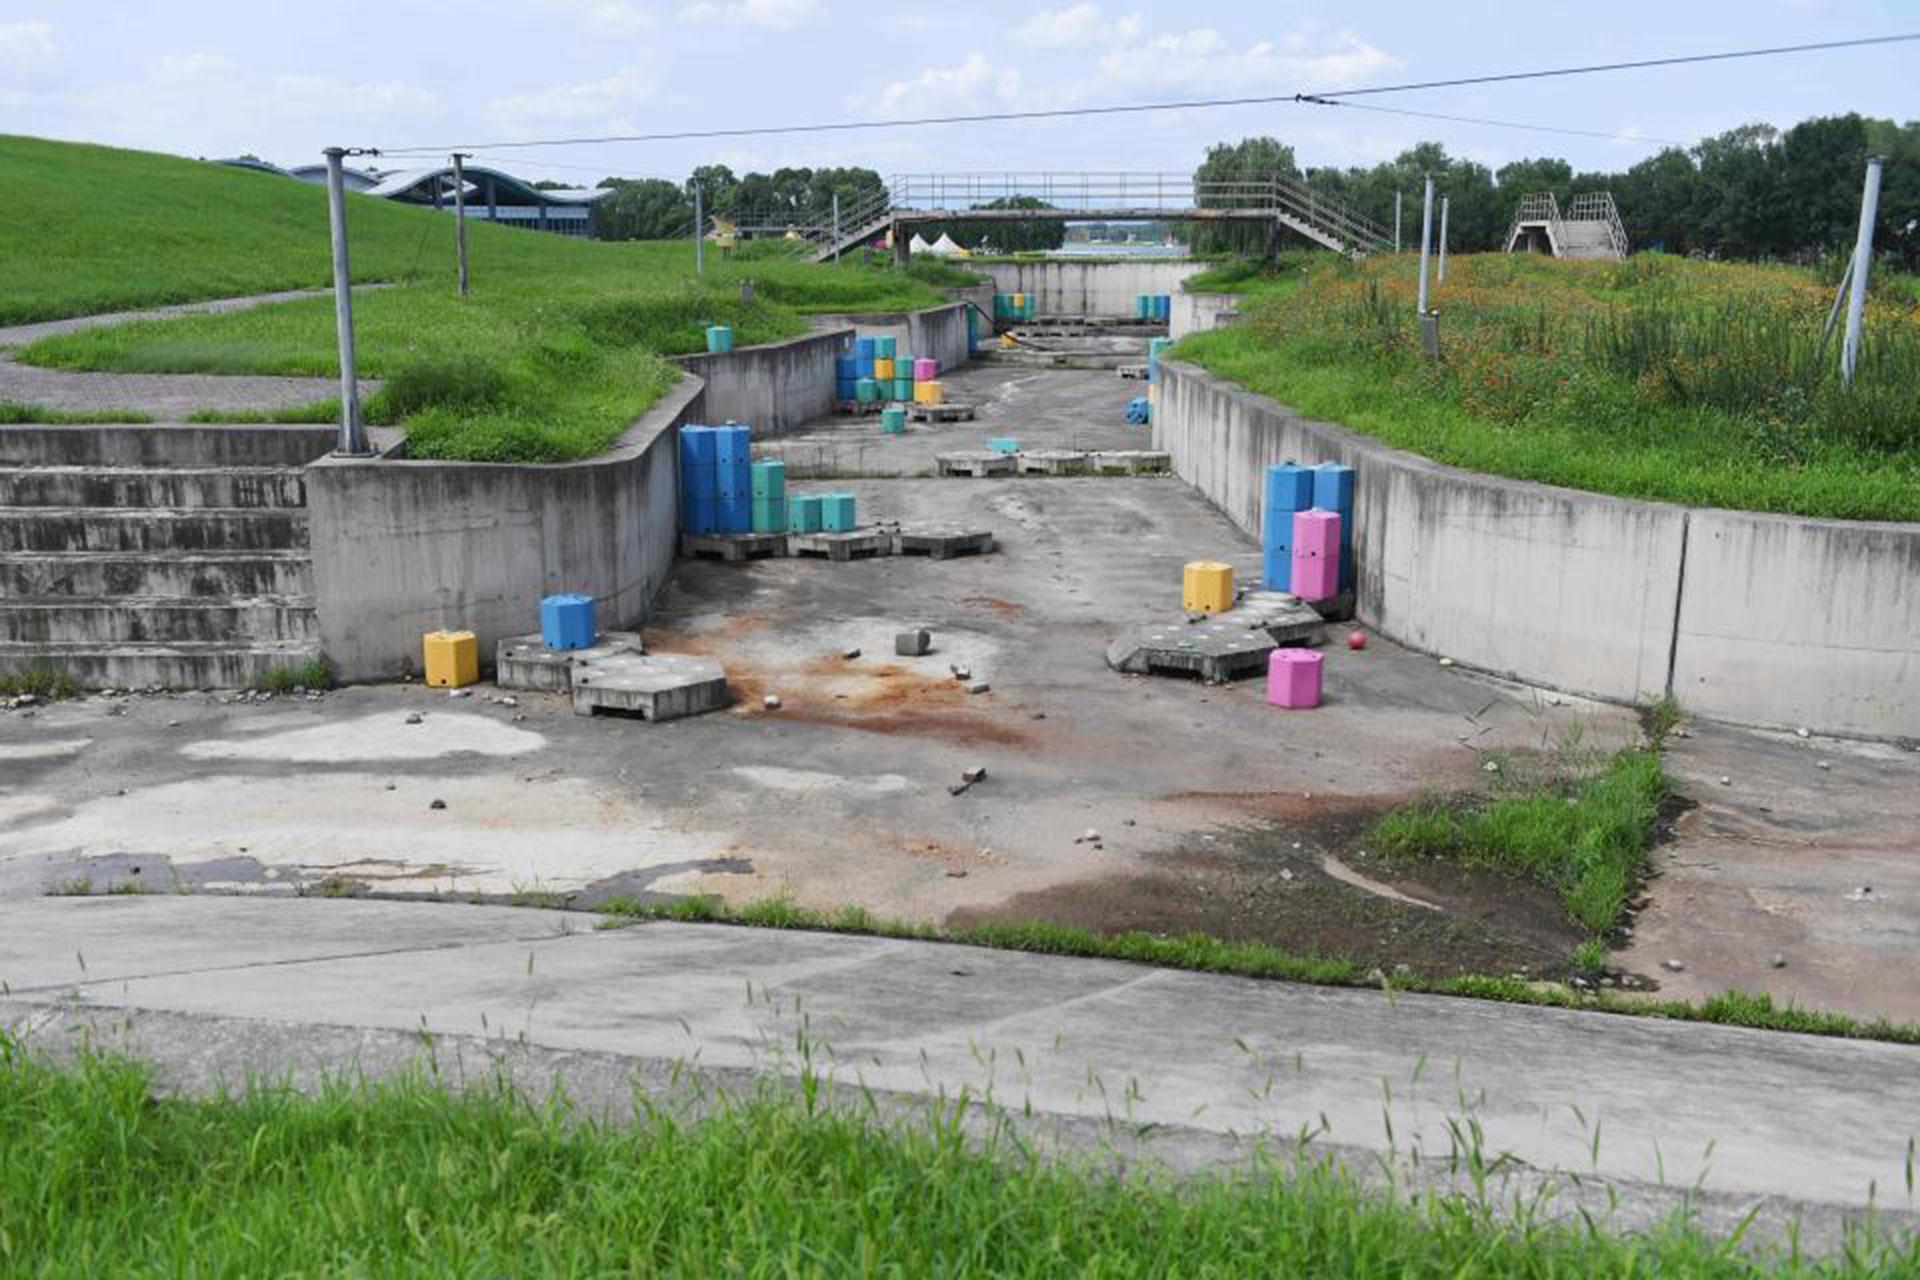 Y gran parte de las instalaciones están completamente abandonadas